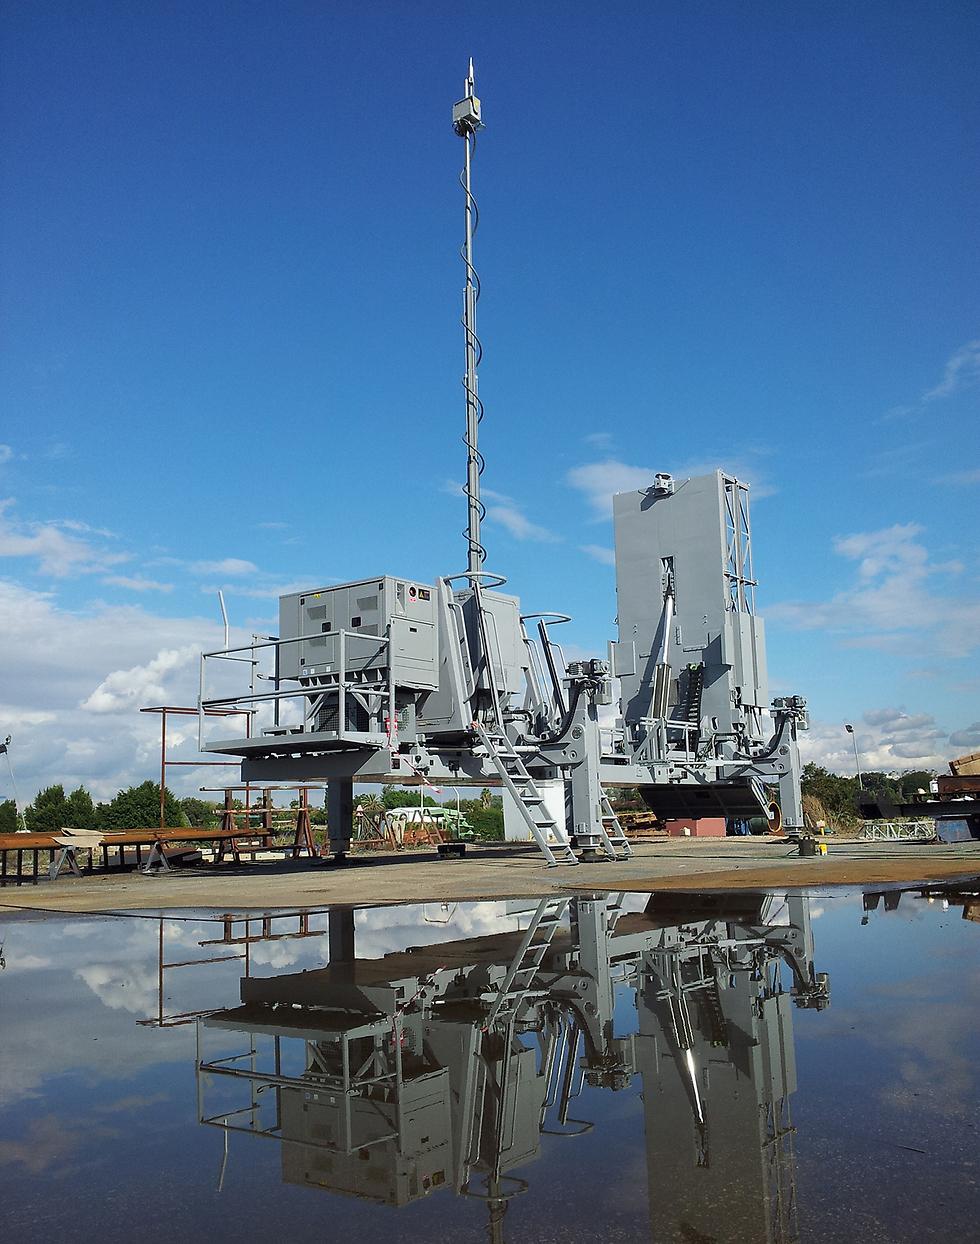 מערכת ברק 8 (צילום: התעשייה האווירית) (צילום: התעשייה האווירית)